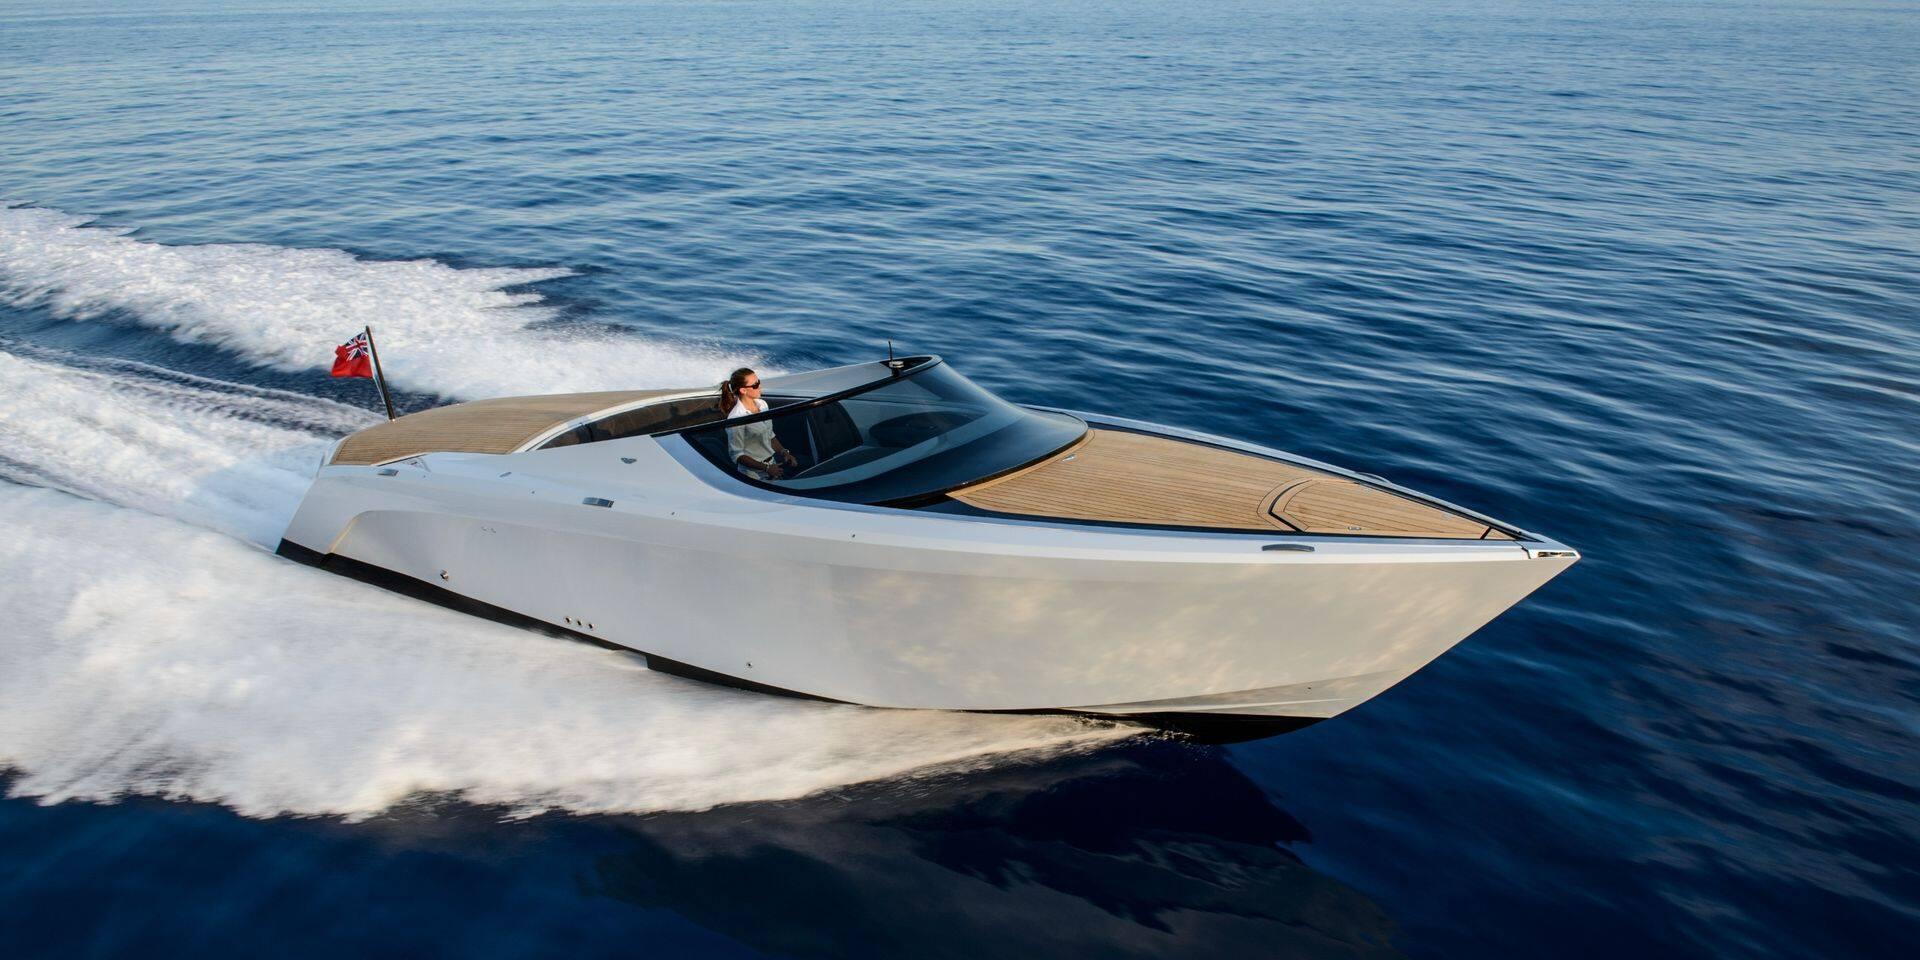 Un bateau à moteur Aston Martin mis en vente aux Pays-Bas pour la modique somme de 100 000 euros